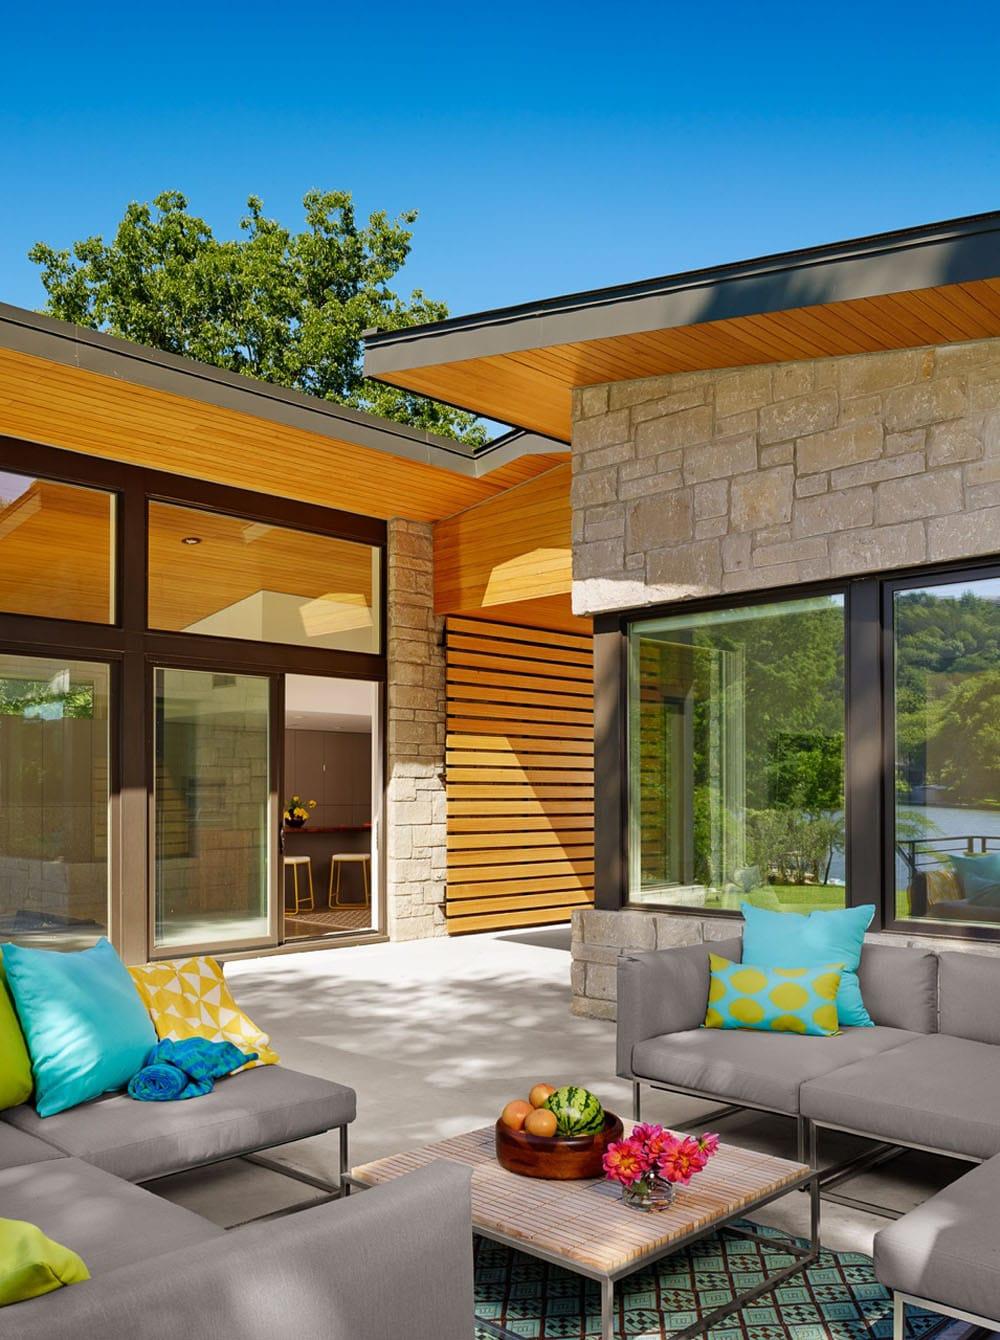 diseo de terraza con paredes de piedra y madera de pino amarillo